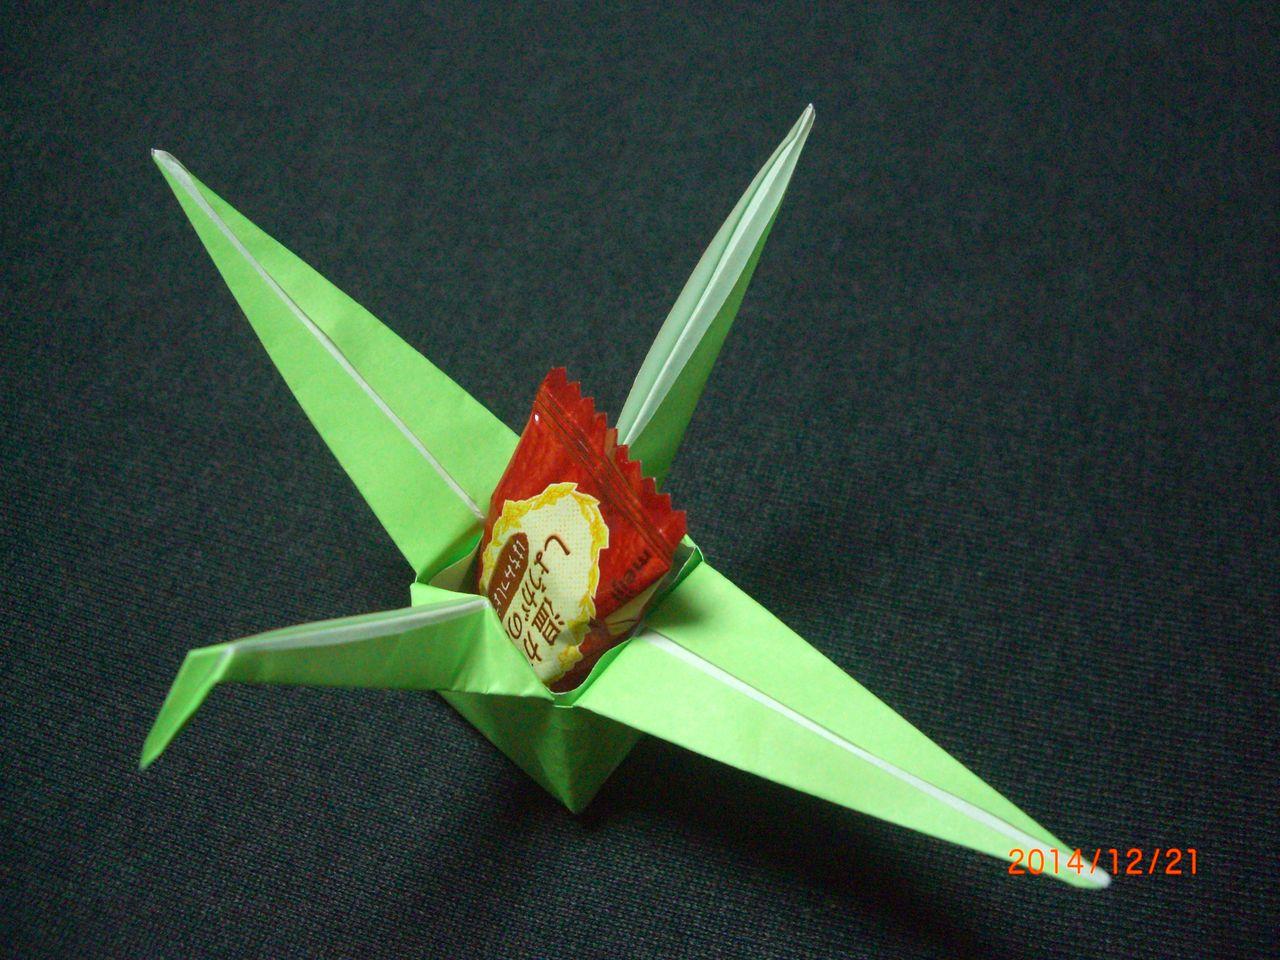 すべての折り紙 折り紙で箱を折る : 途中まで鶴の折り方と同じです ...